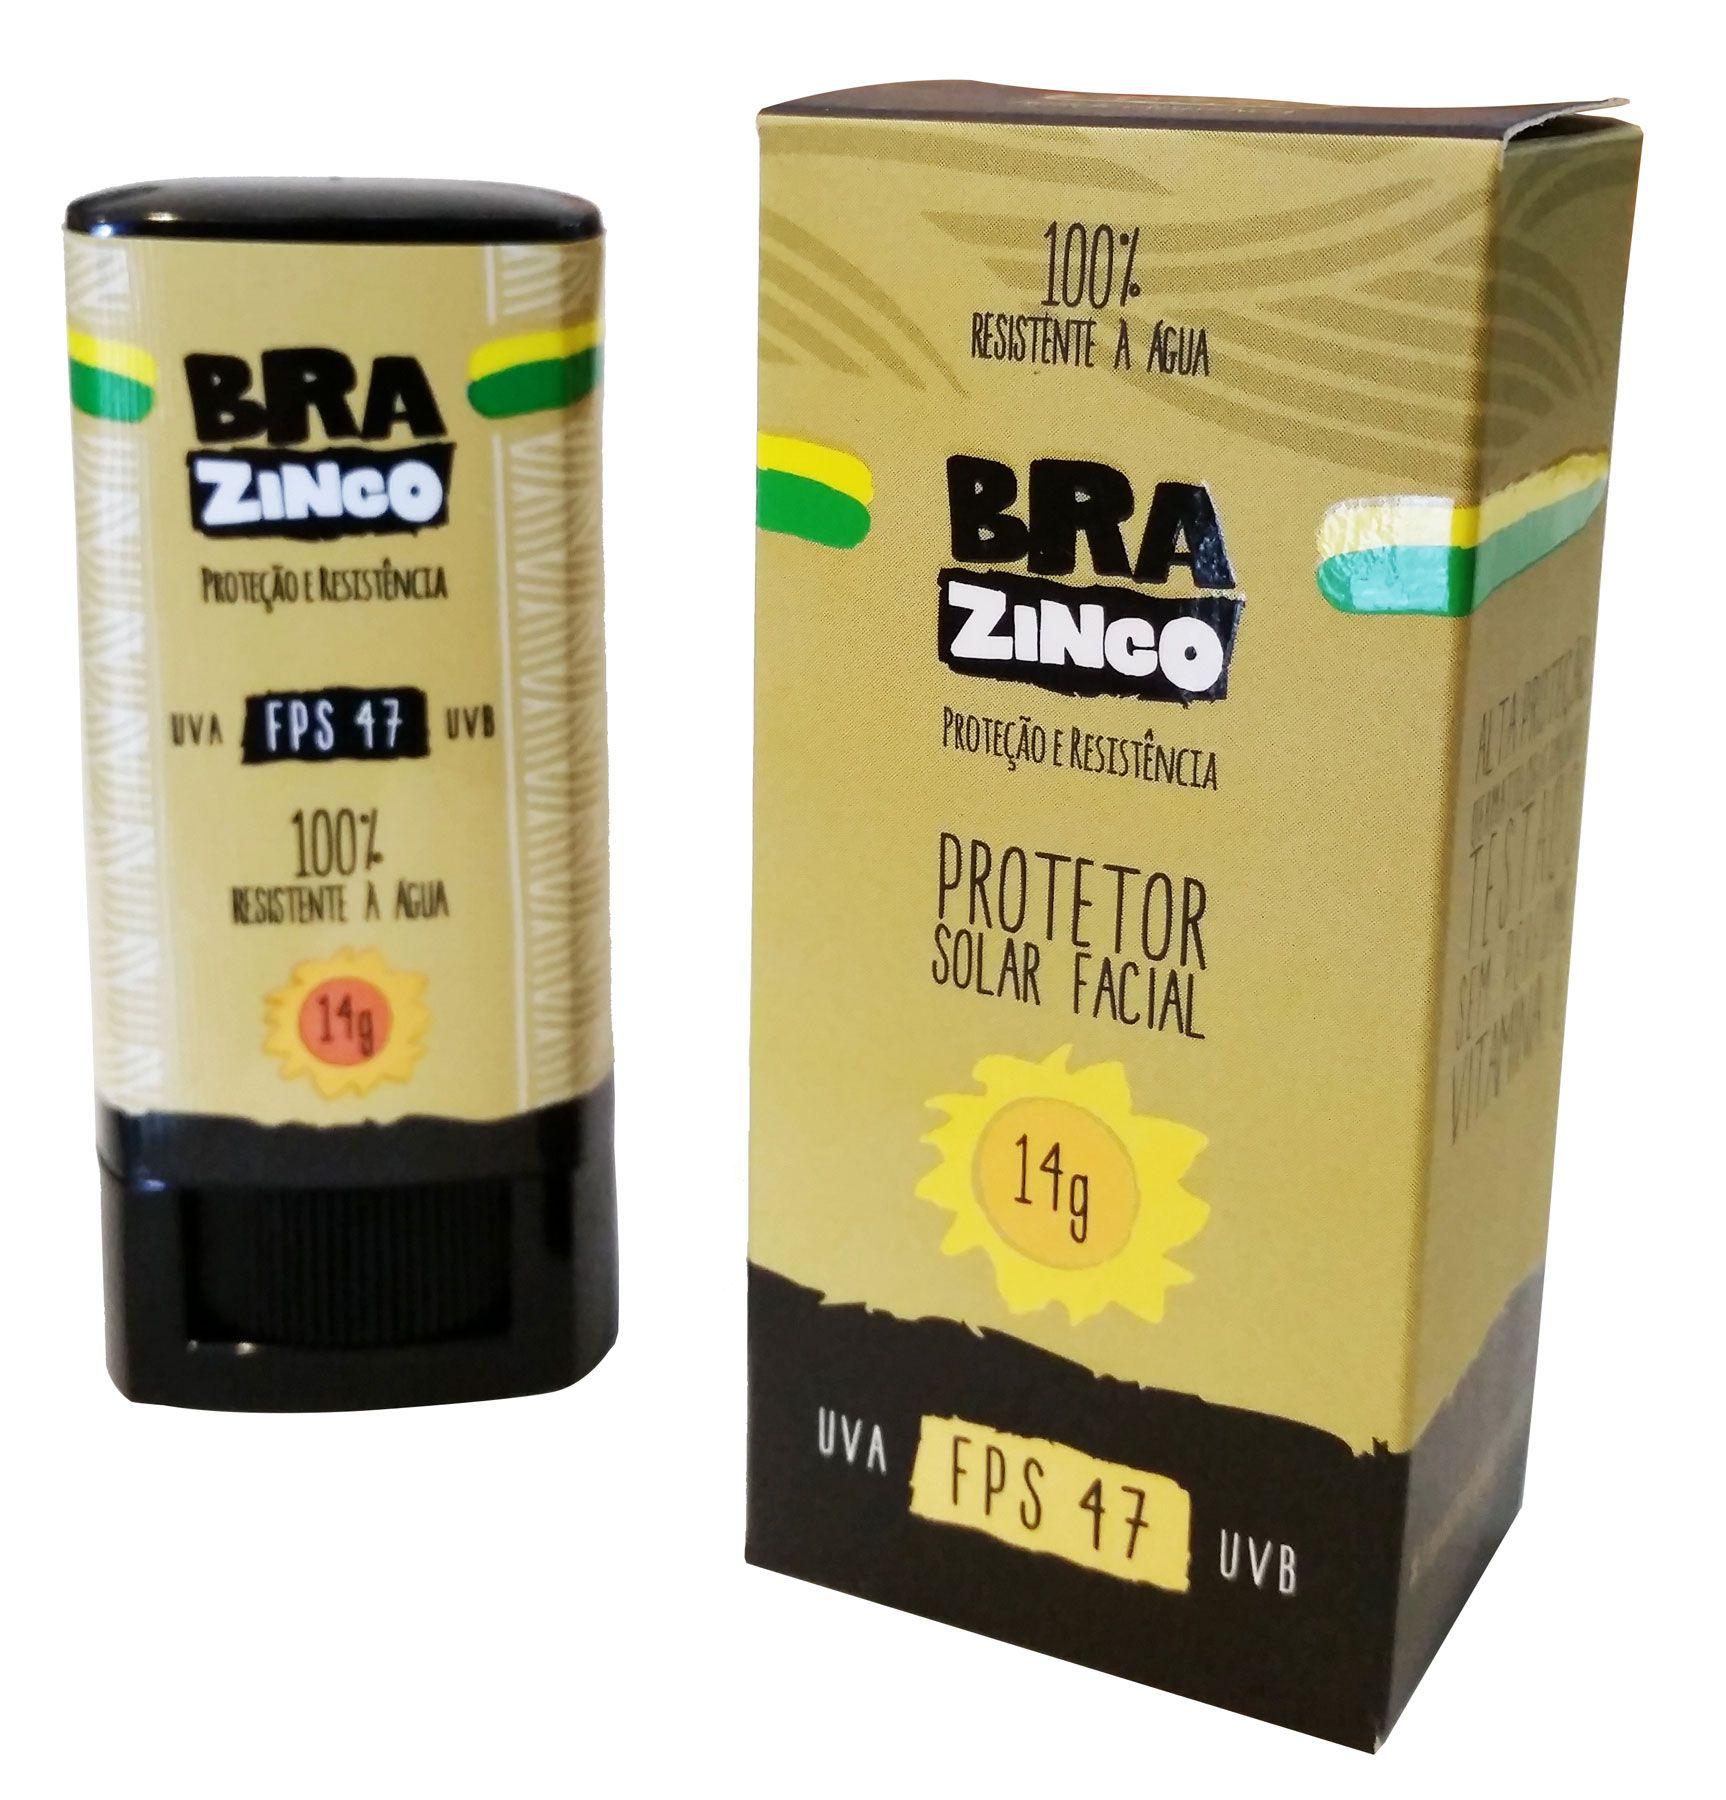 BRAZINCO Protetor solar 14g FPS47  - Ondas do Sul